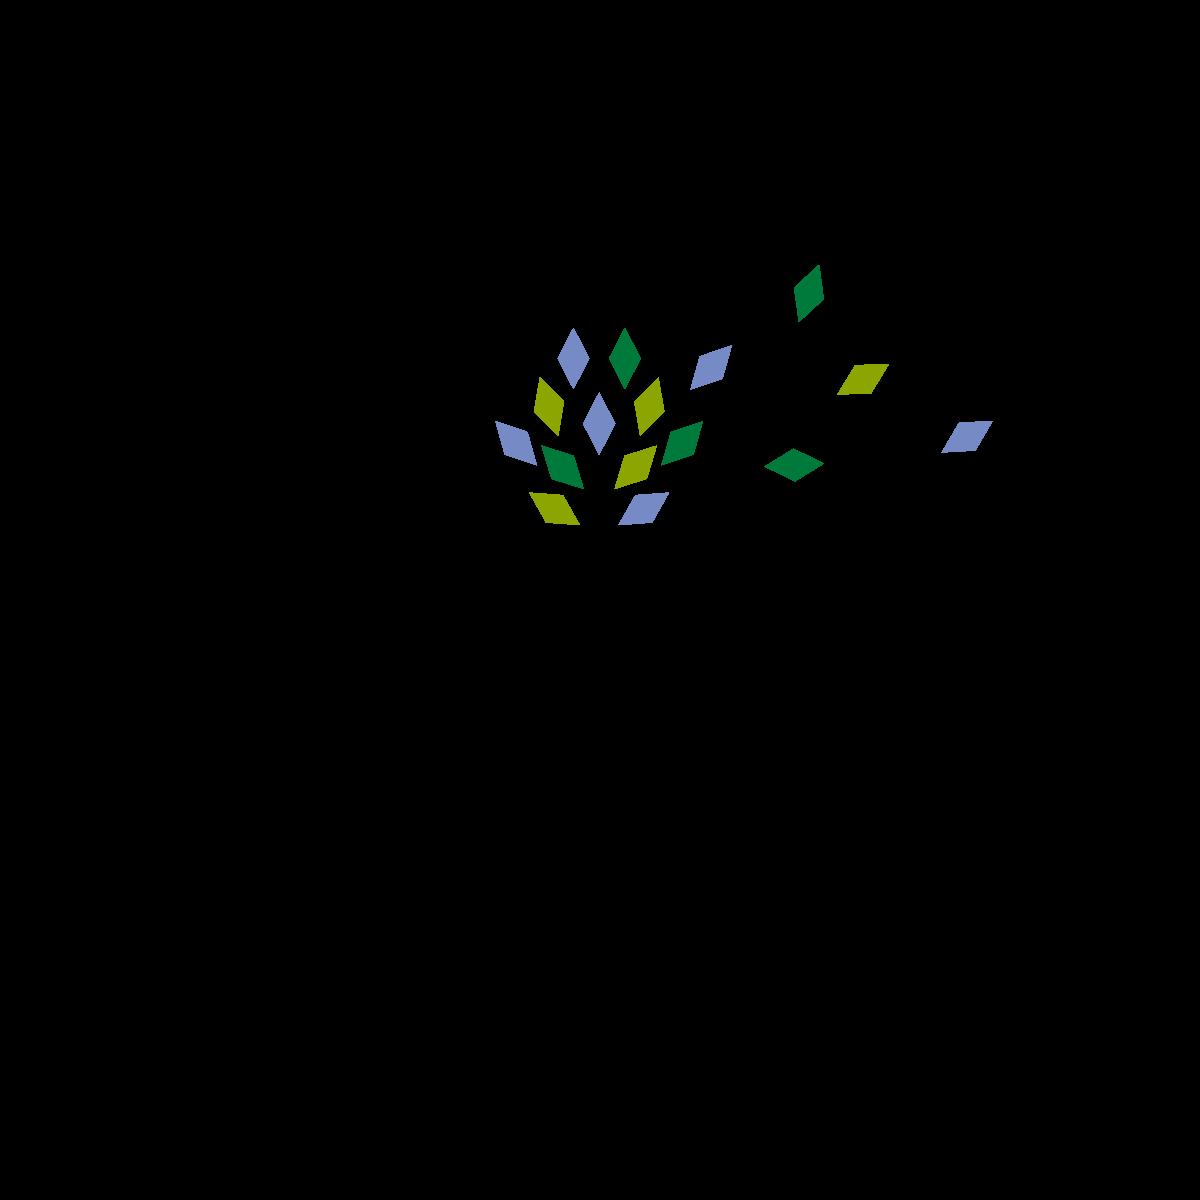 intermar-marketing-corporate-design-bayerisches-staatsministerium-landesentwicklung-umweltfragen-logo.png